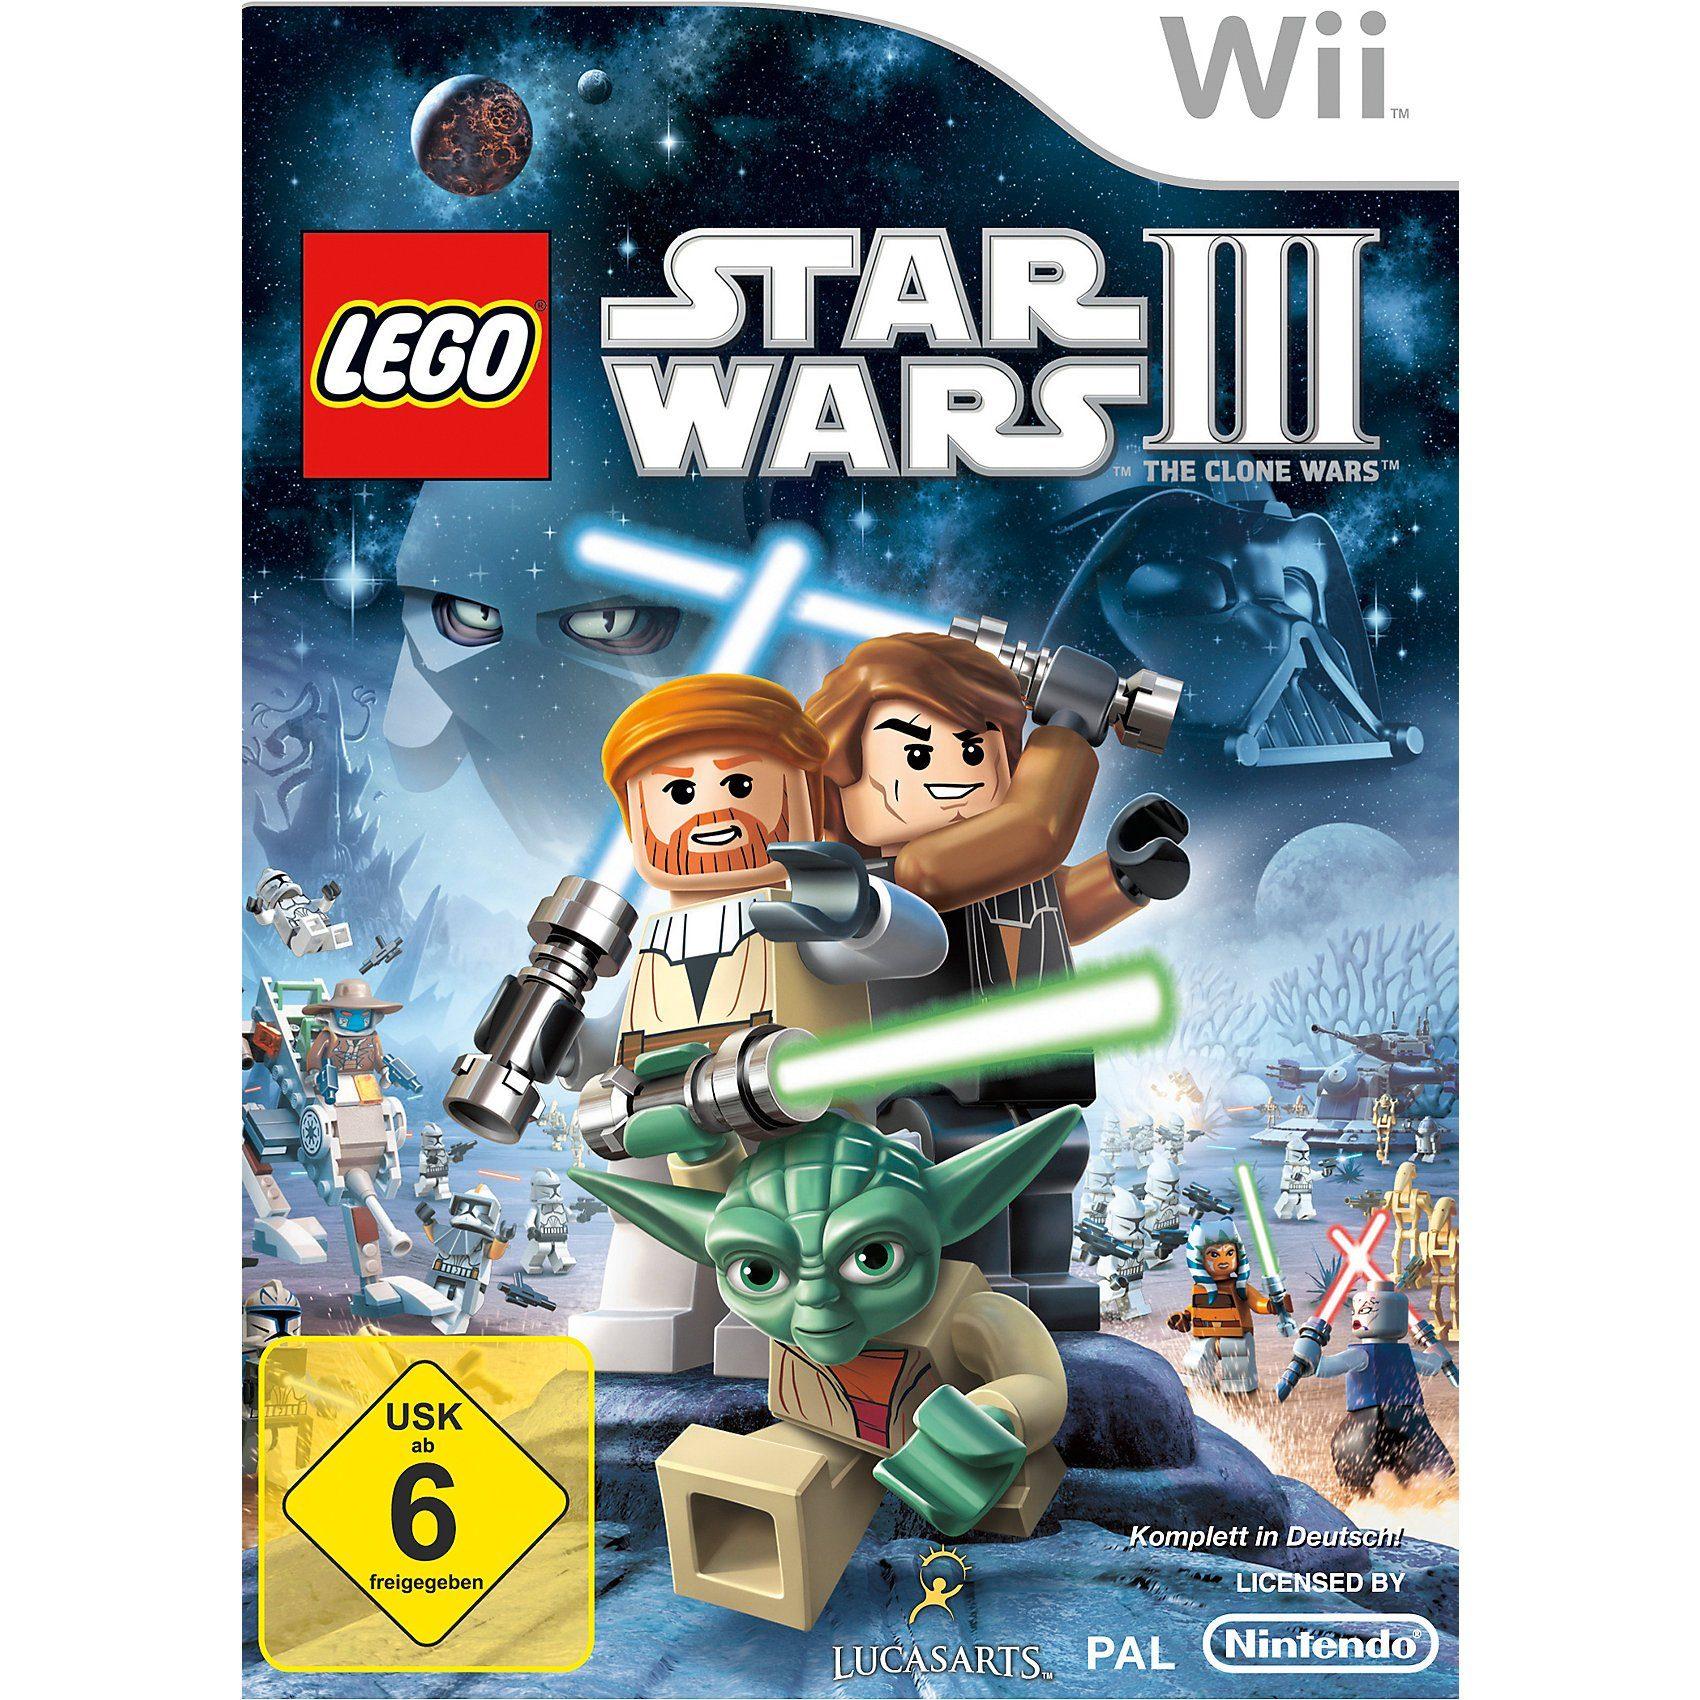 Wii Star Wars 3